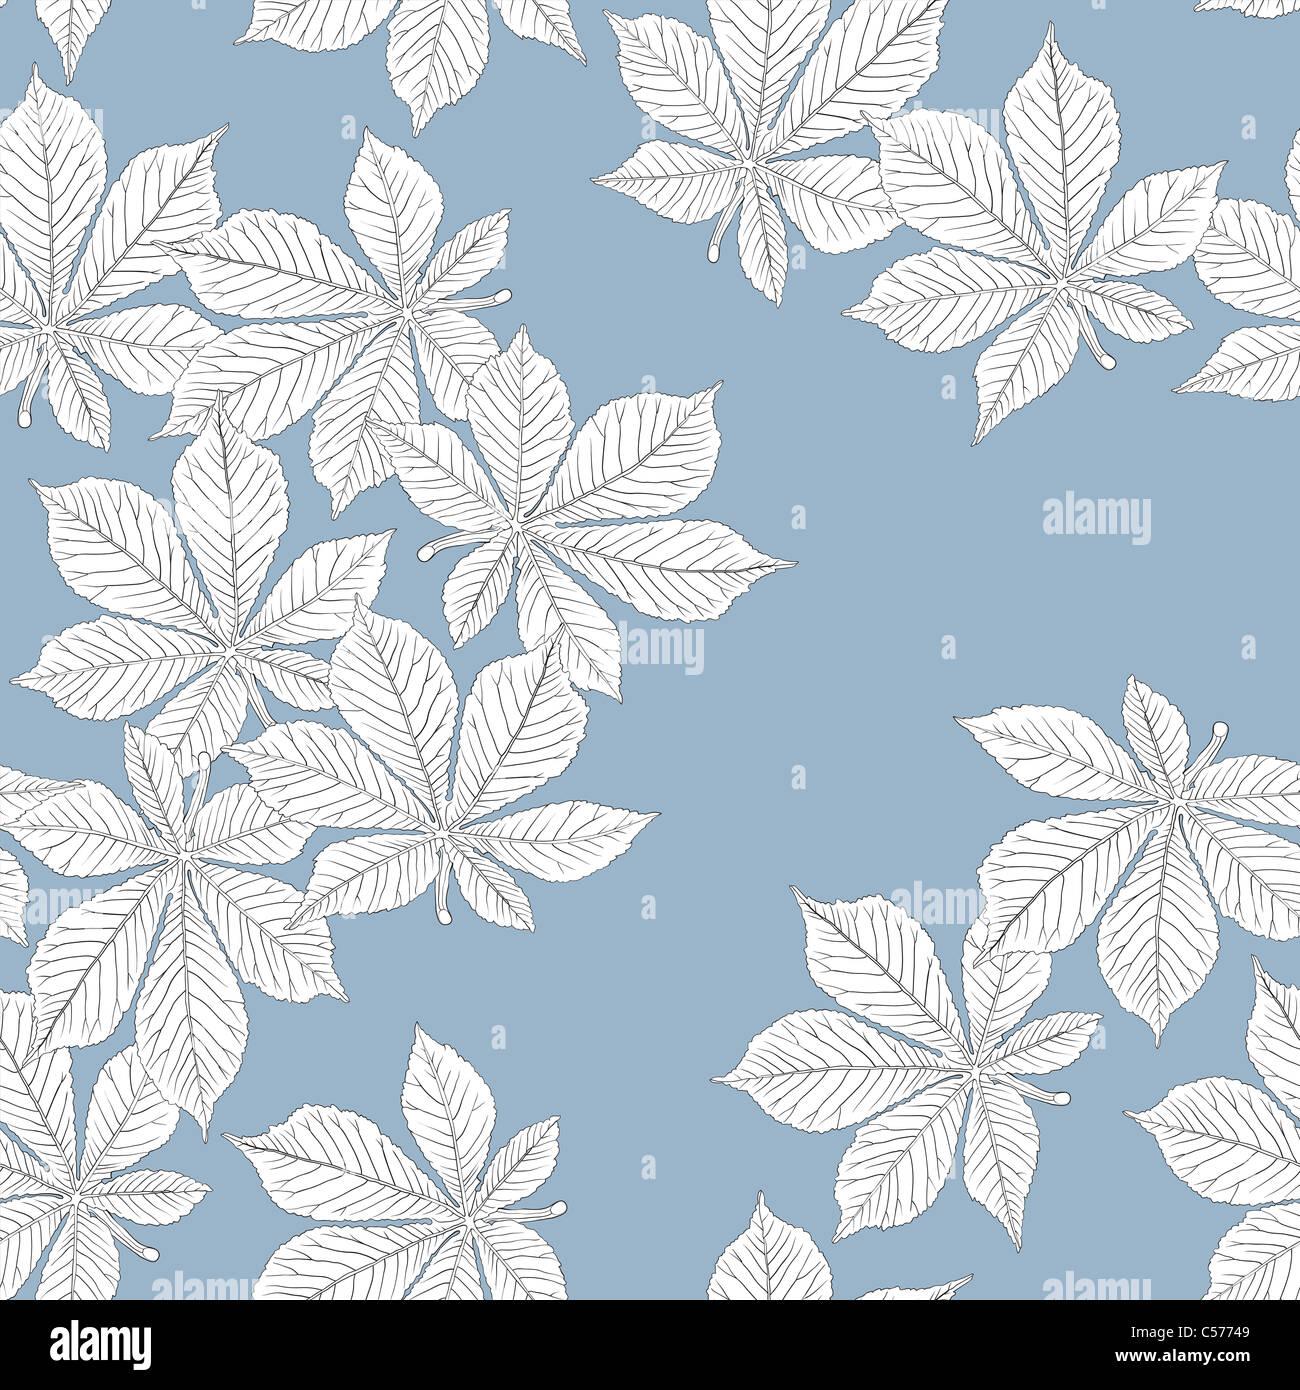 Kastanien-Blätter. Nahtlose Muster. Vektor, eps8, leicht bearbeitet werden. Stockbild